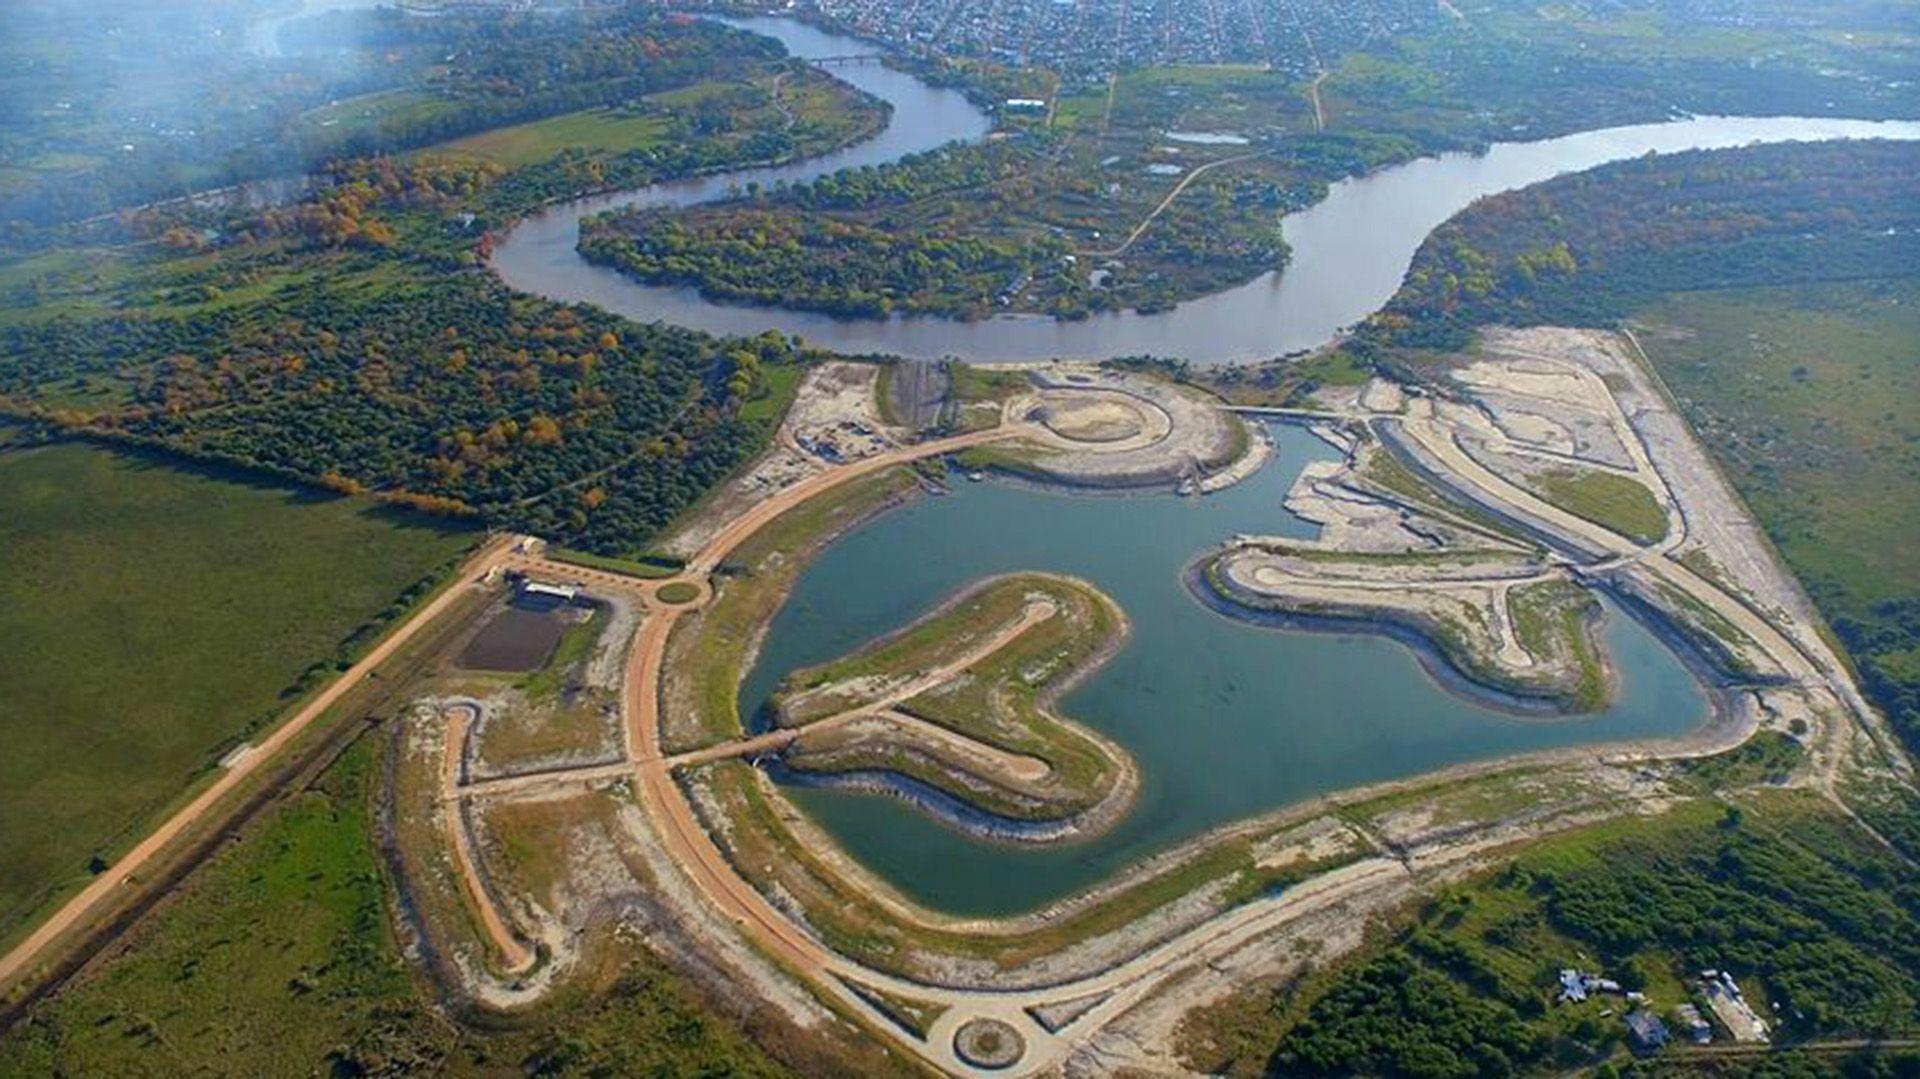 Vista aérea del proyecto inmobiliario cuestionado (@Amarrasdelgualeguaychu)